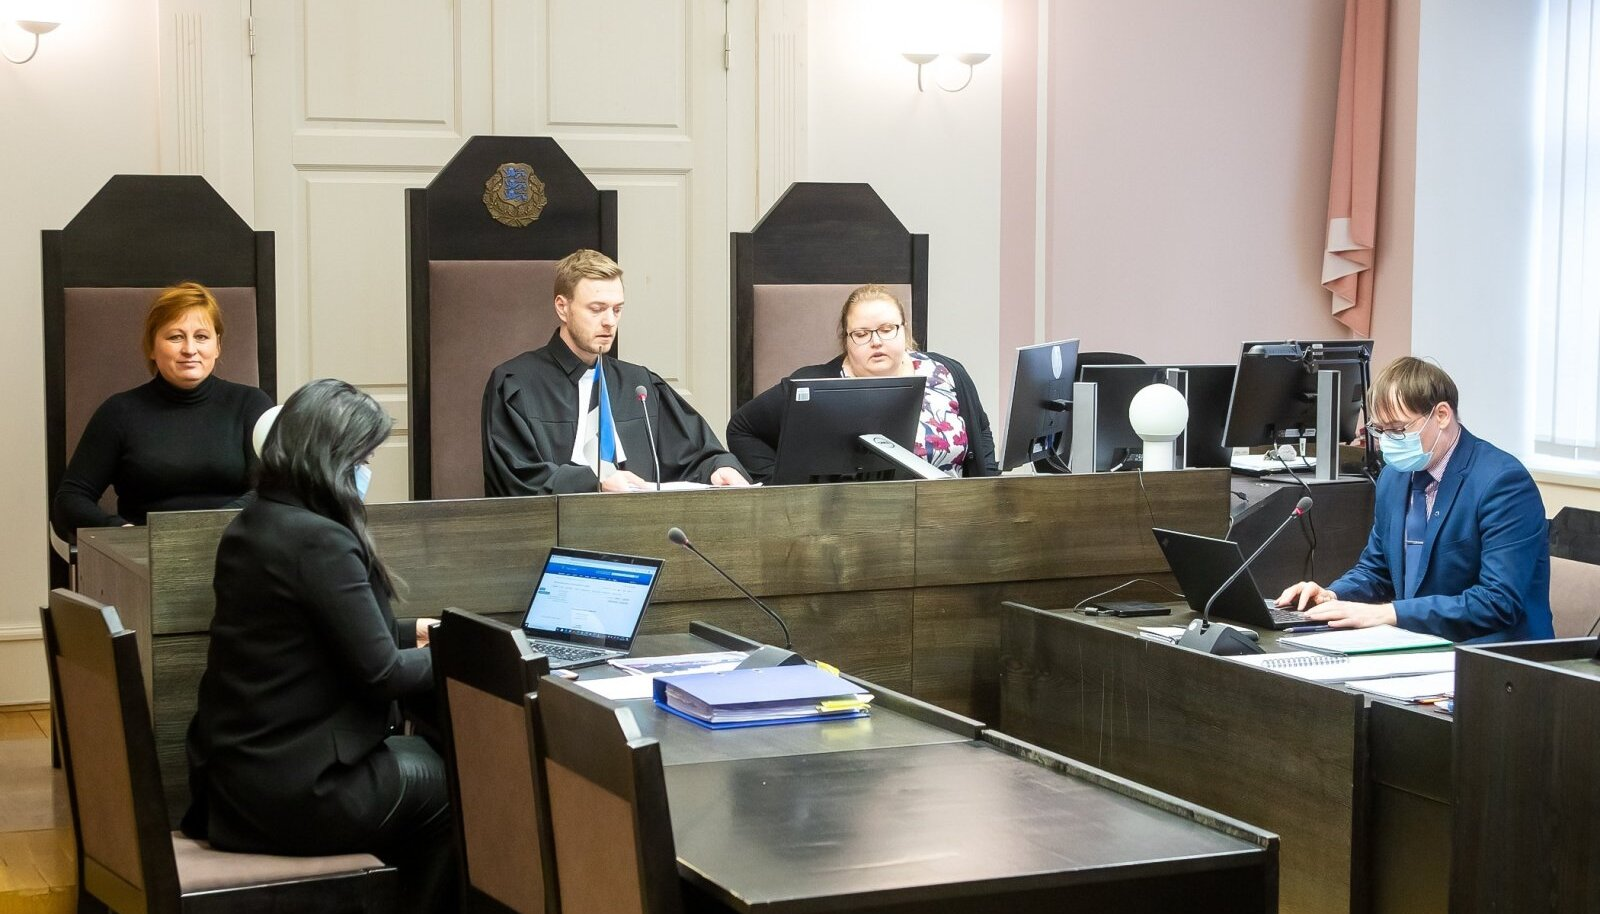 Pilt pärineb jaanuarikuisest kohtuistungist.